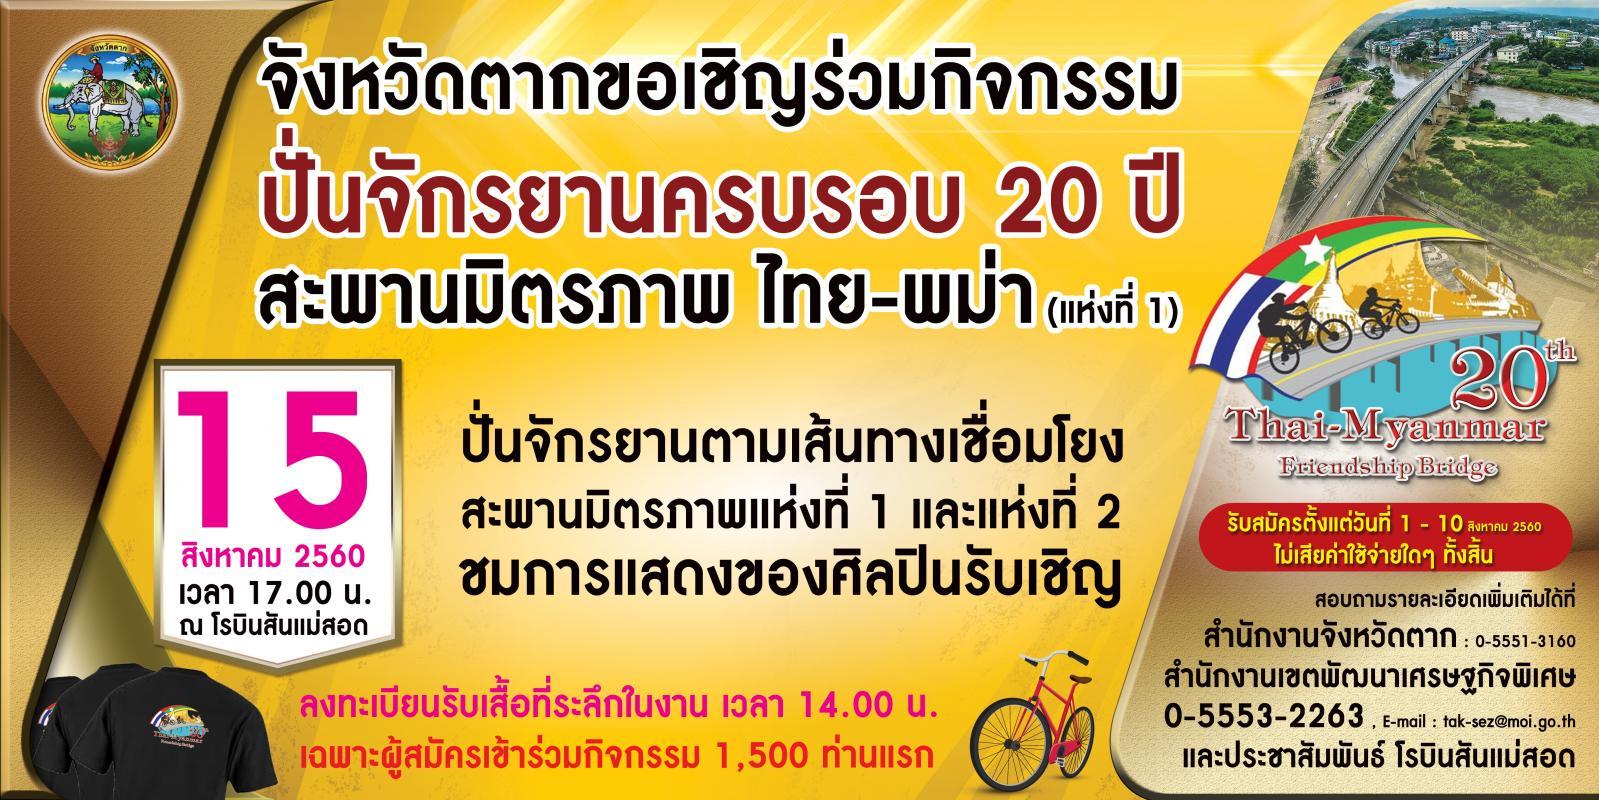 จังหวัดตาก ขอเชิญร่วมกิจกรรมปั่นจักรยานครบรอบ 20 ปี สะพานมิตรภาพ ไทย - พม่า (แห่งที่ 1) ในวันที่ 15 สิงหาคม 2560 เวลา 17.00 น.  ณ บริเวณโรบินสันแม่สอด อ.แม่สอด